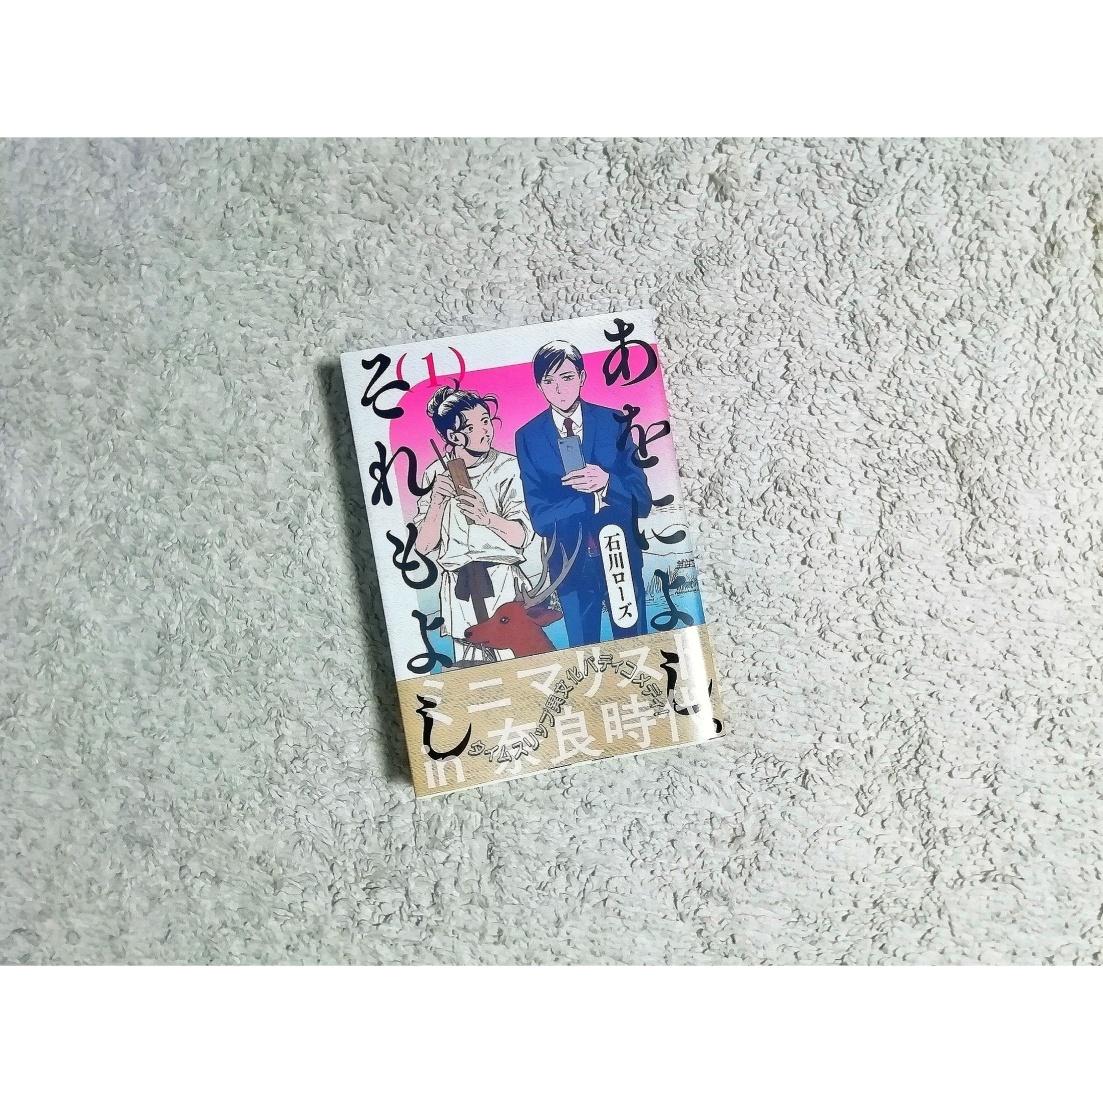 梅雨の季節こそ、読書しよう!ミニマリスト漫画「あをによし、それもよし」って知ってる?_1